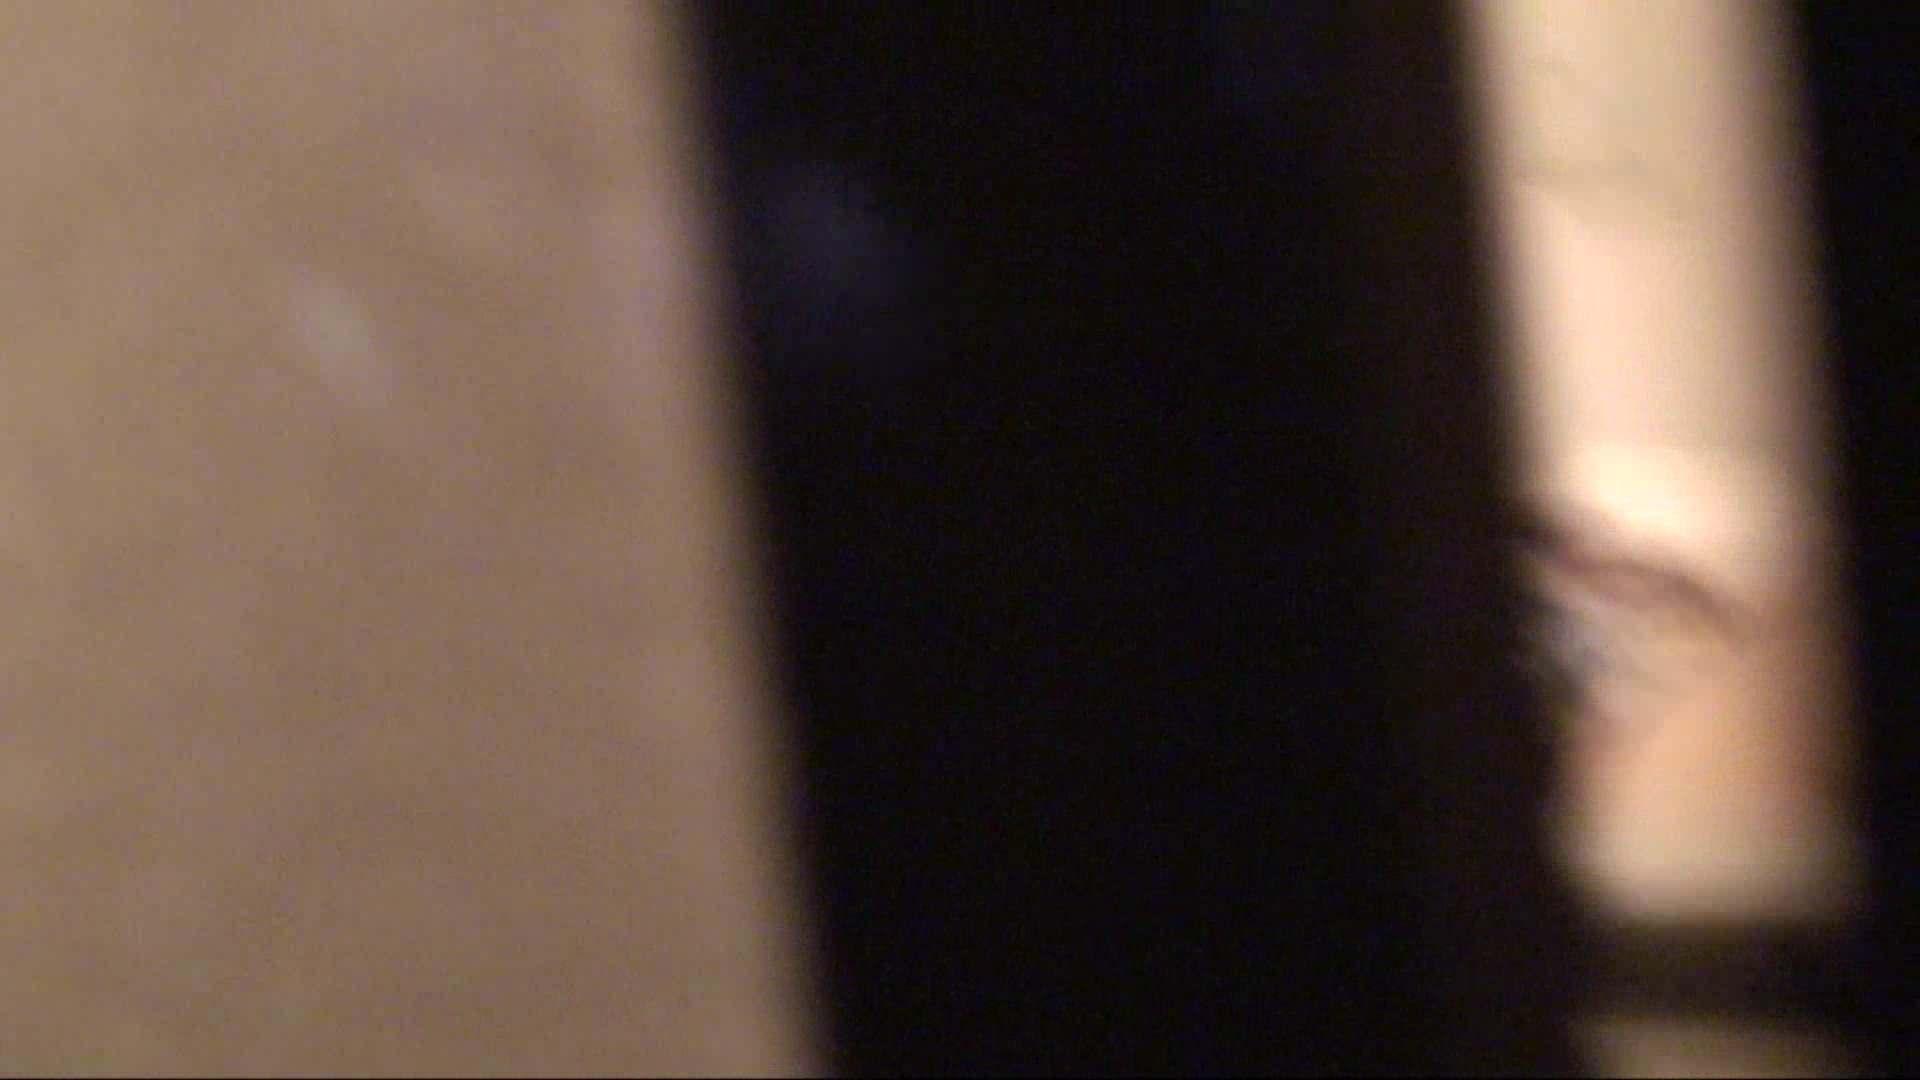 vol.01必見!白肌嬢の乳首が丸見え。極上美人のすっぴん顔をハイビジョンで! 覗き おめこ無修正動画無料 89pic 76